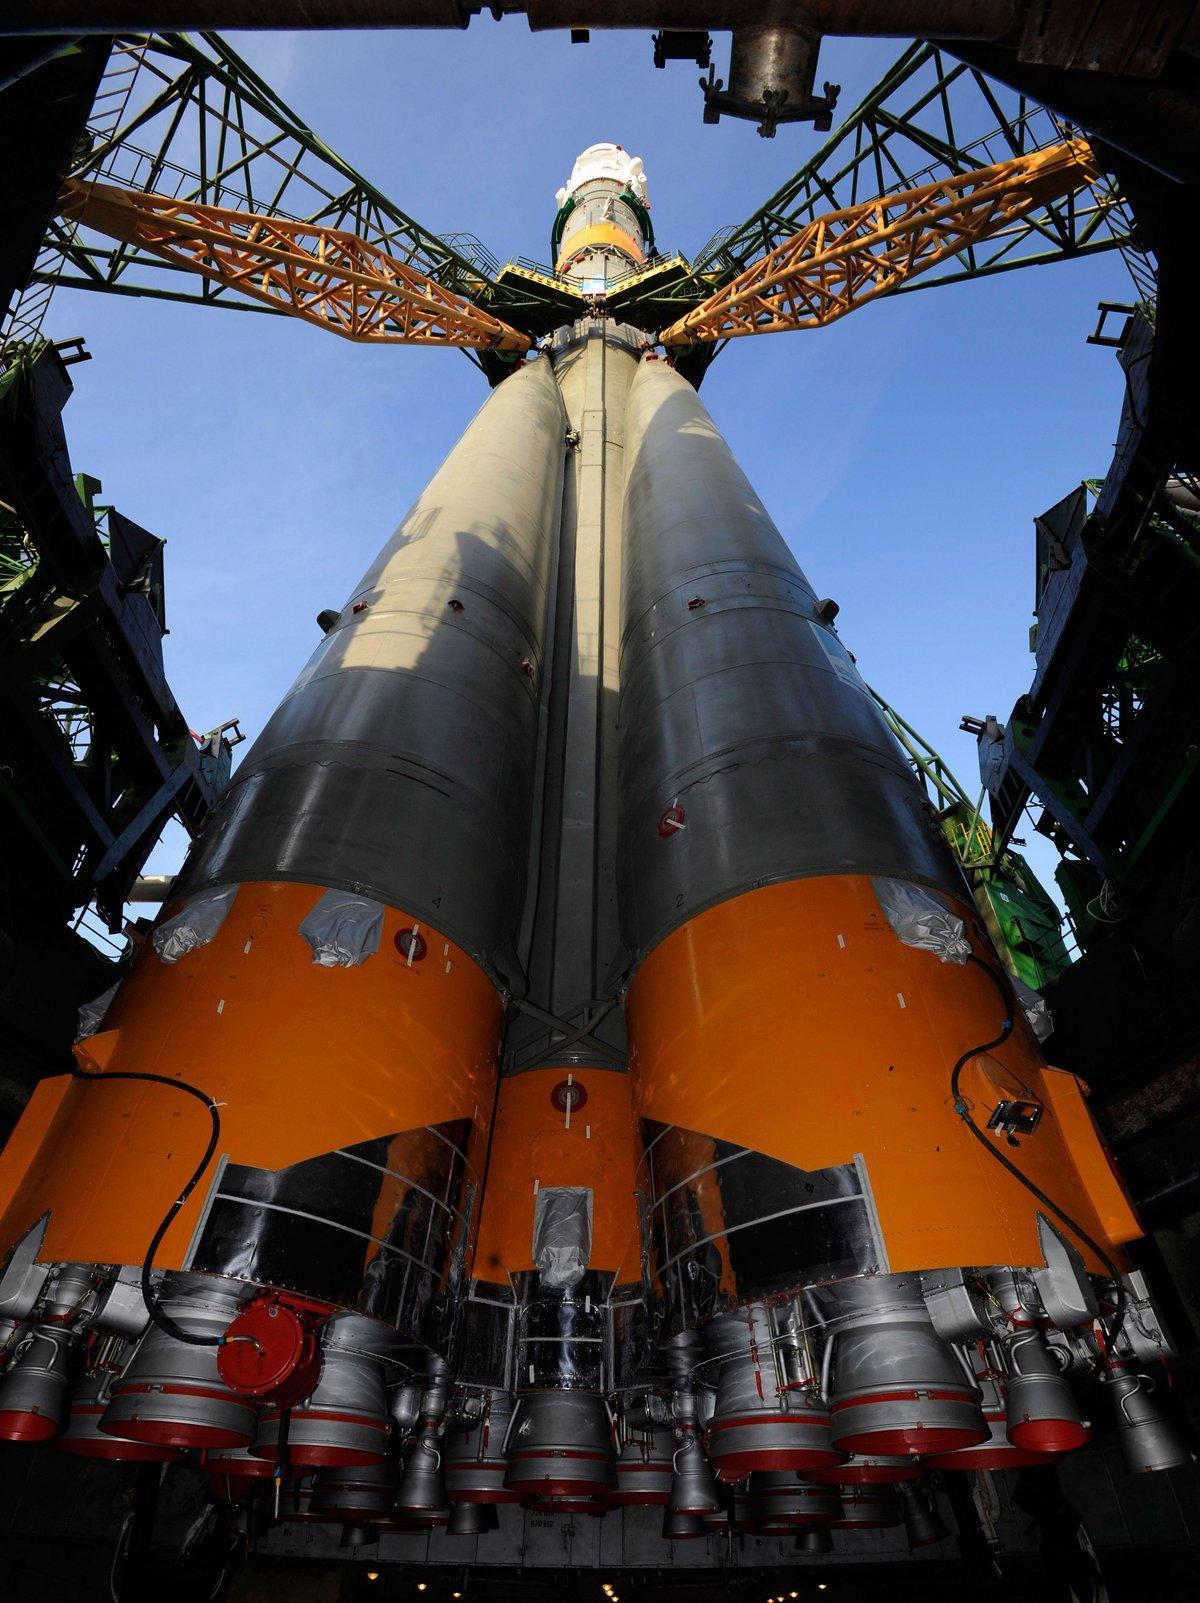 Soyuz TMA-13 - 2008